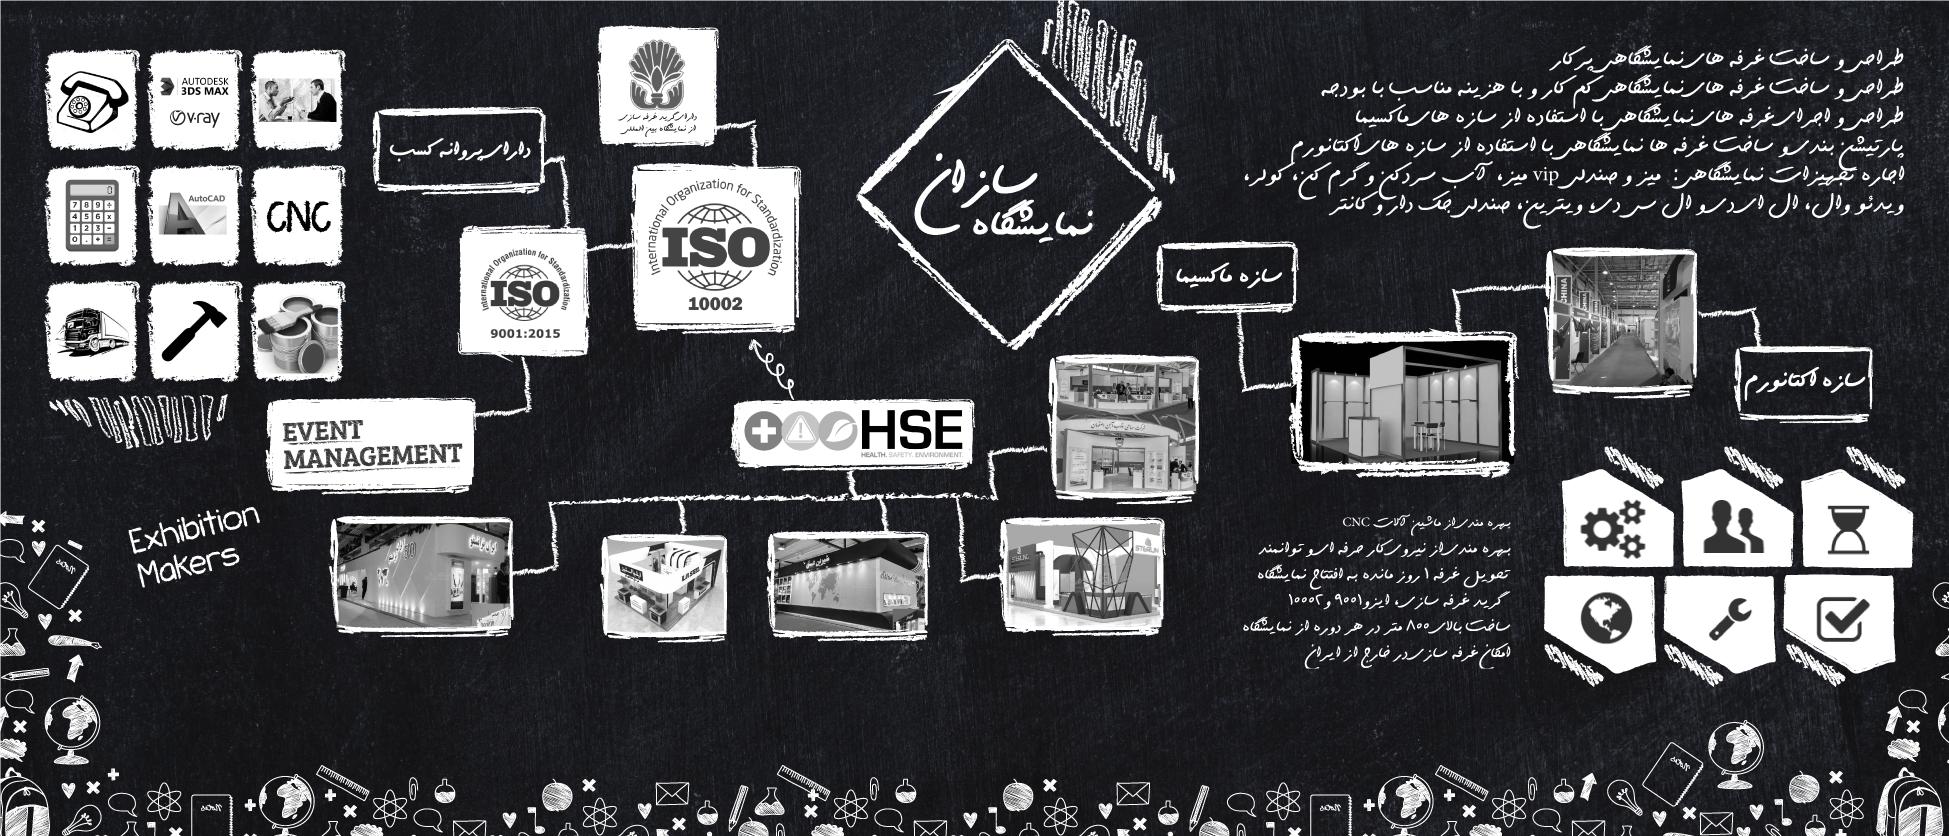 غرفه سازی در اصفهان – غرفه سازان اصفهان